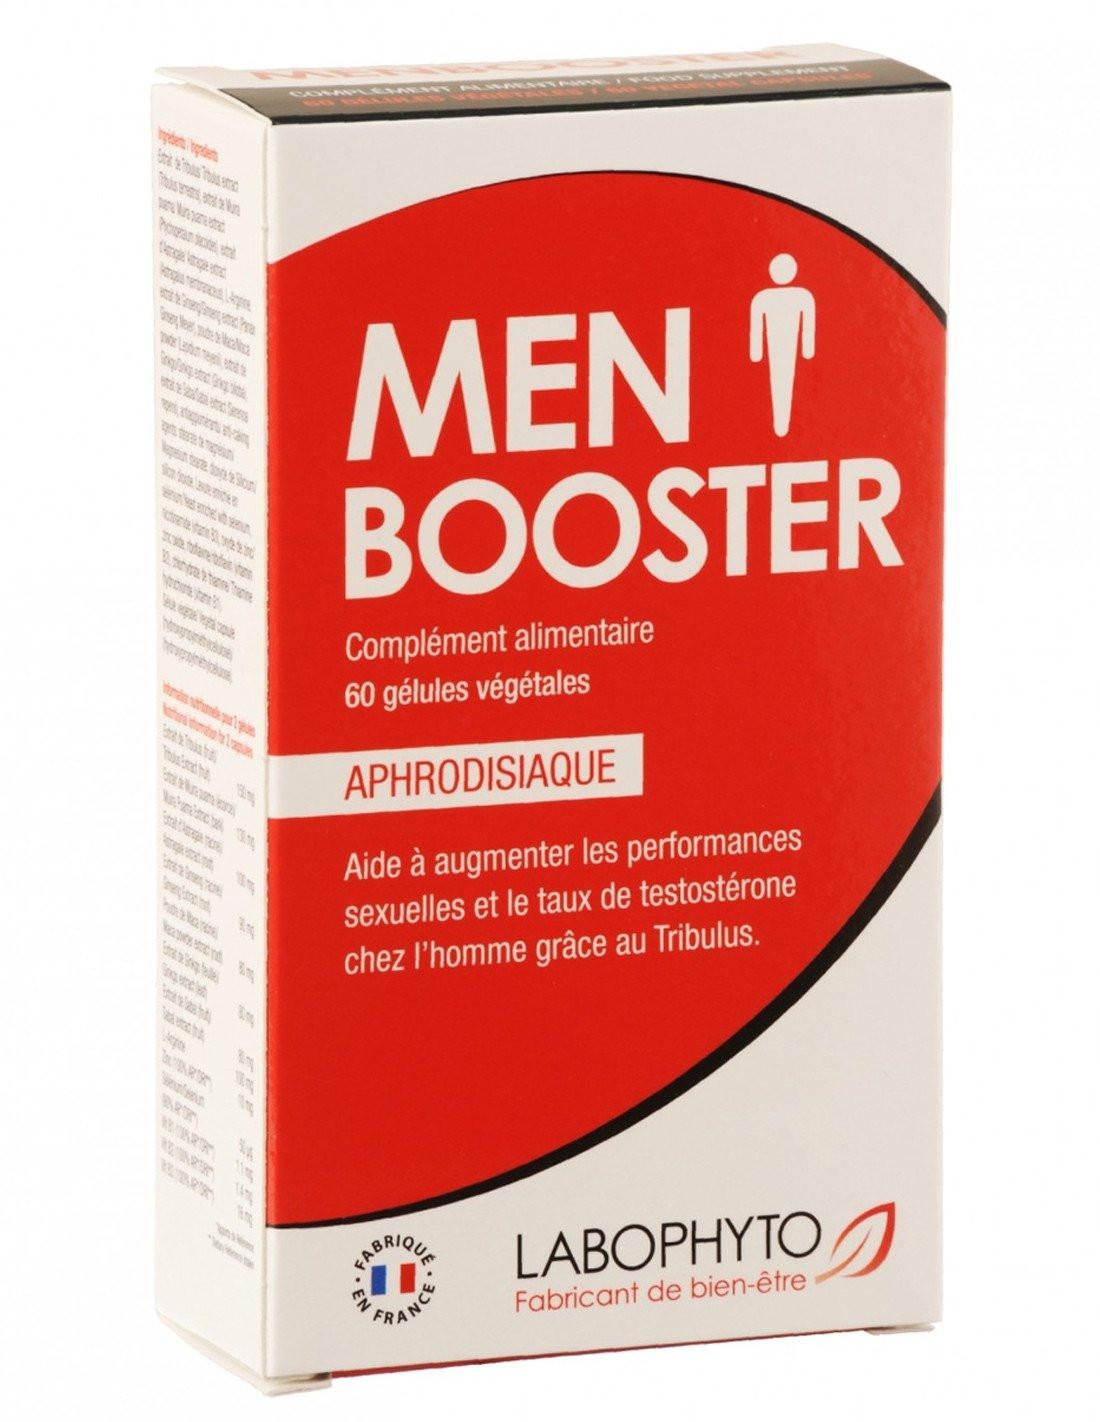 produit pour booster libido femme